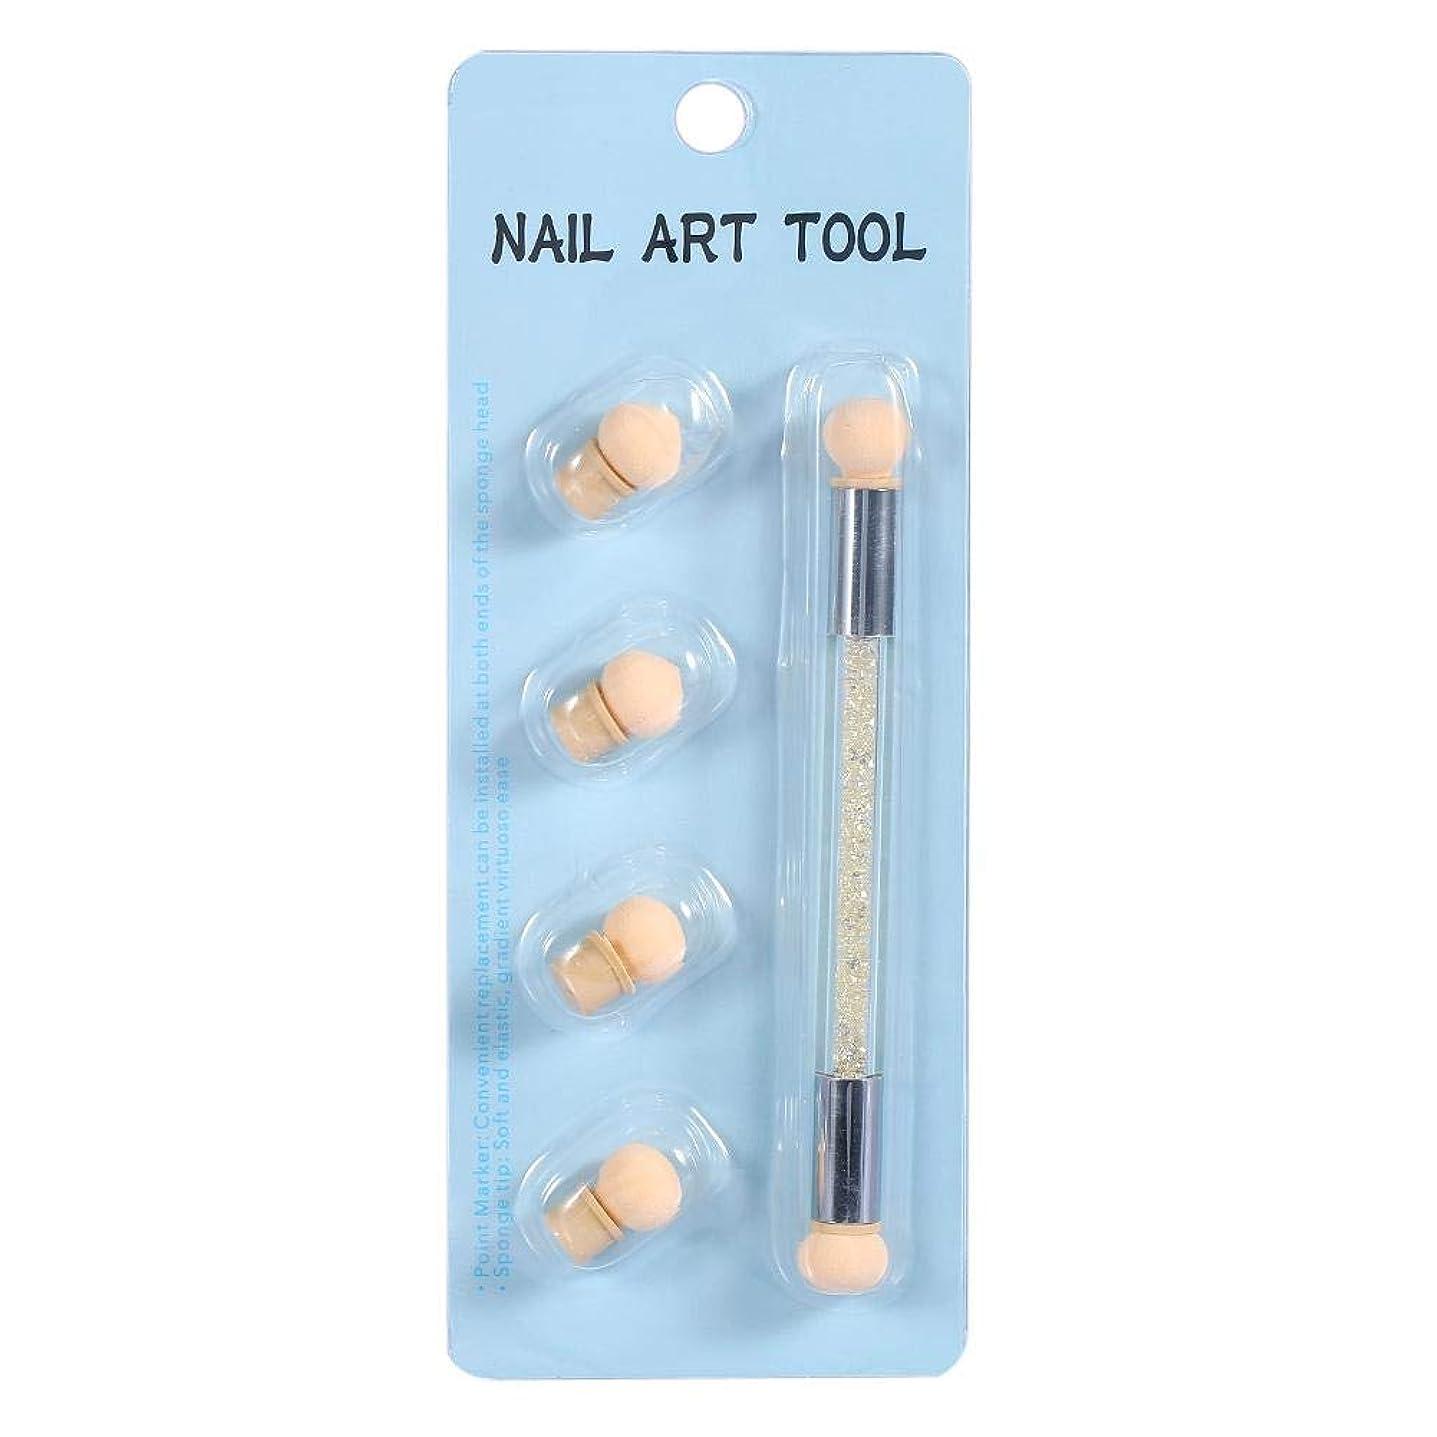 適合サリーセブンネイルアート 4個 交換用 スポンジヘッド ネイルアートスポンジブラシ ネイル筆 ドットペン